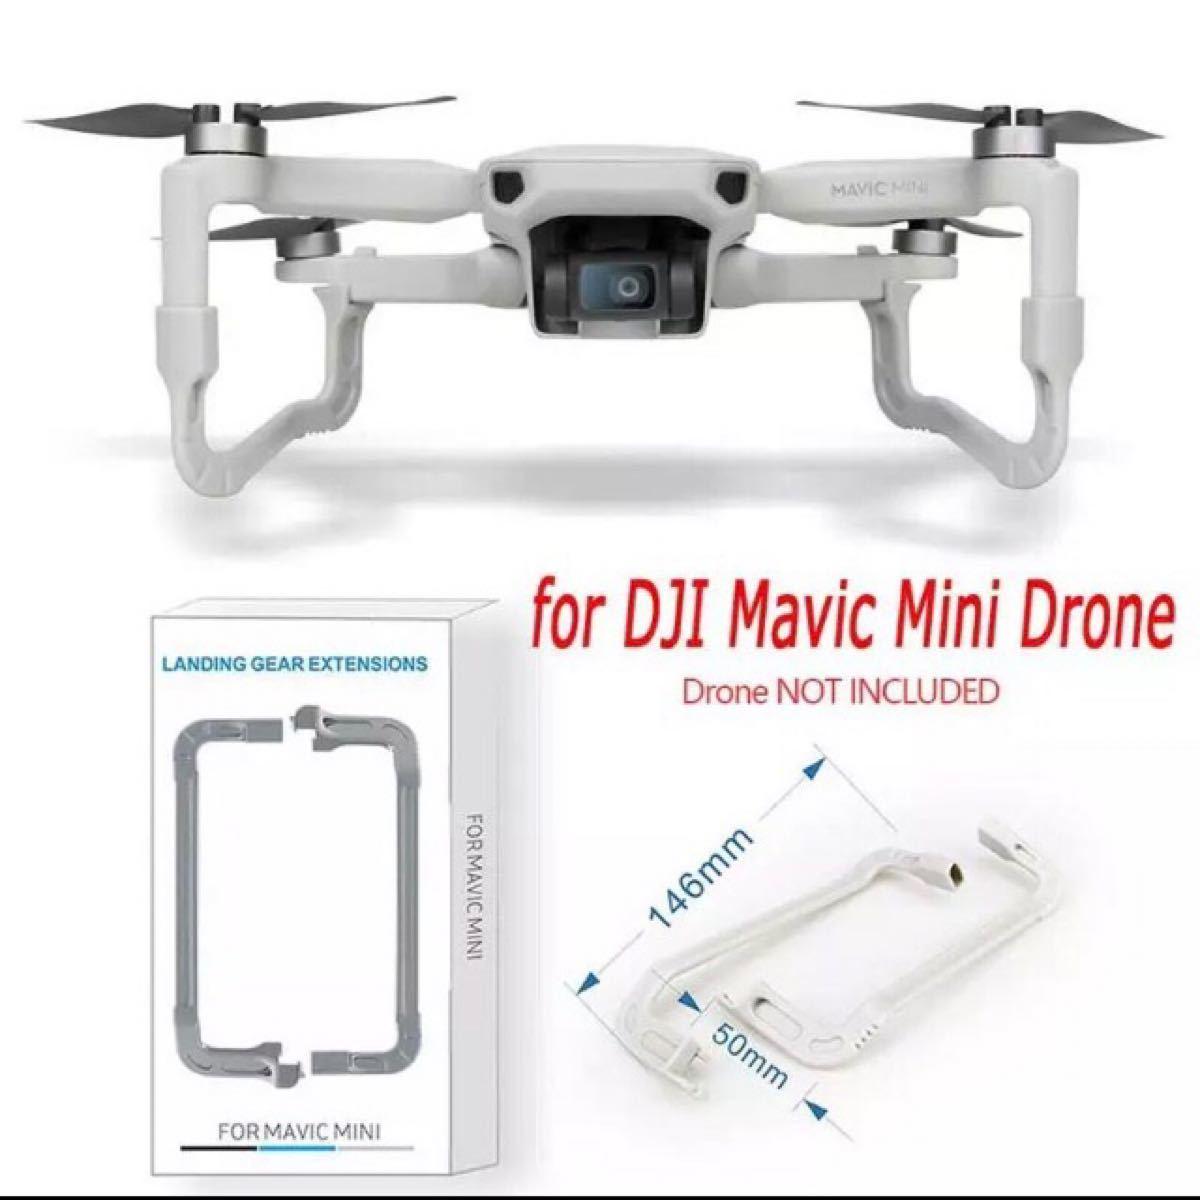 DJI Mavic mini用 ランディングギア 着陸ガード 新品未使用